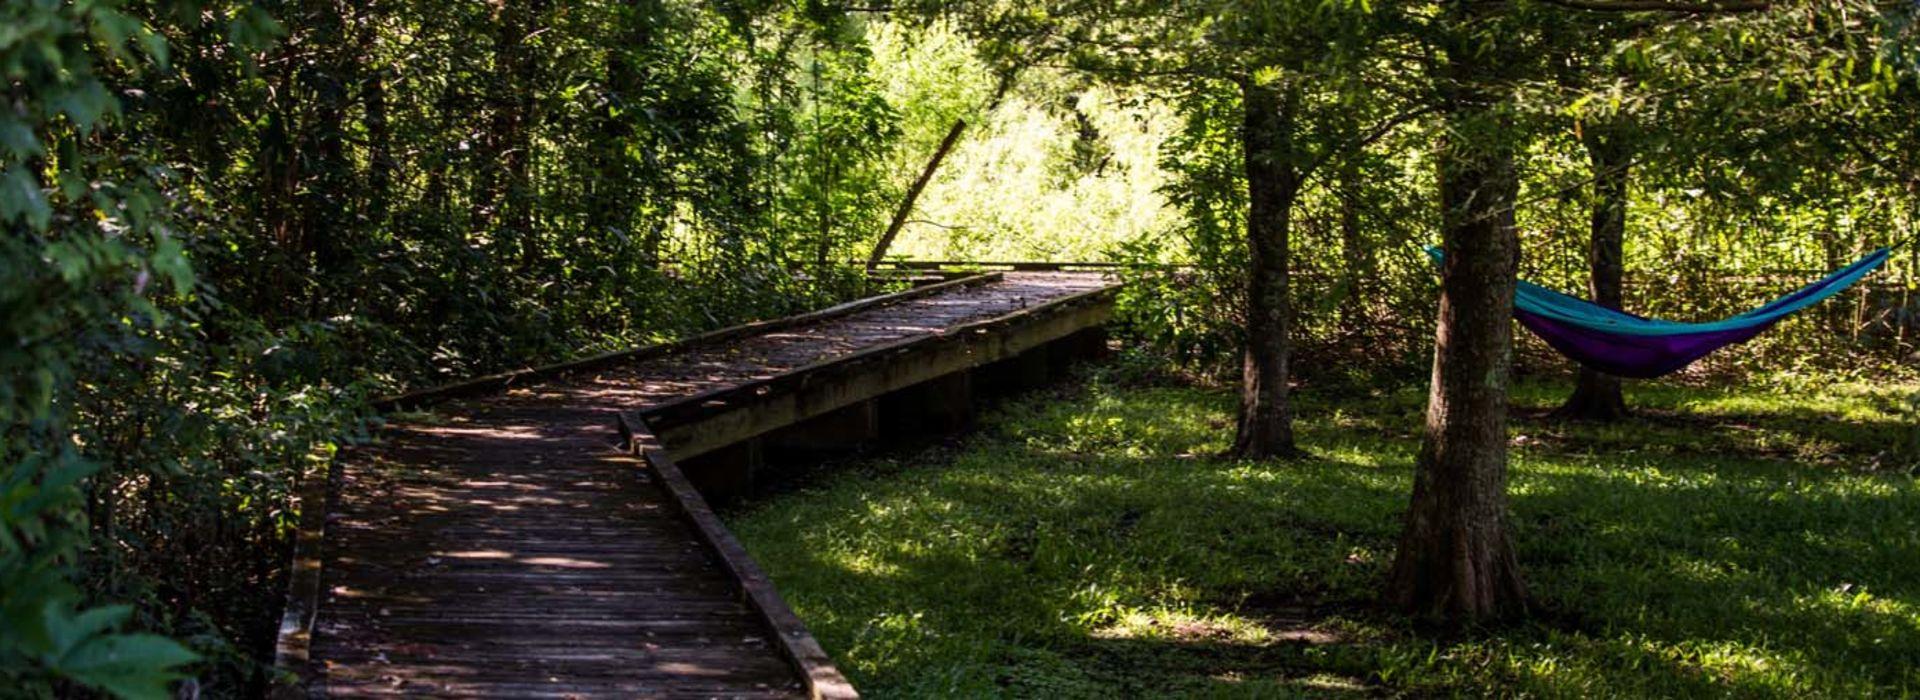 Shaded boardwalk at Bayou Segnette State Park